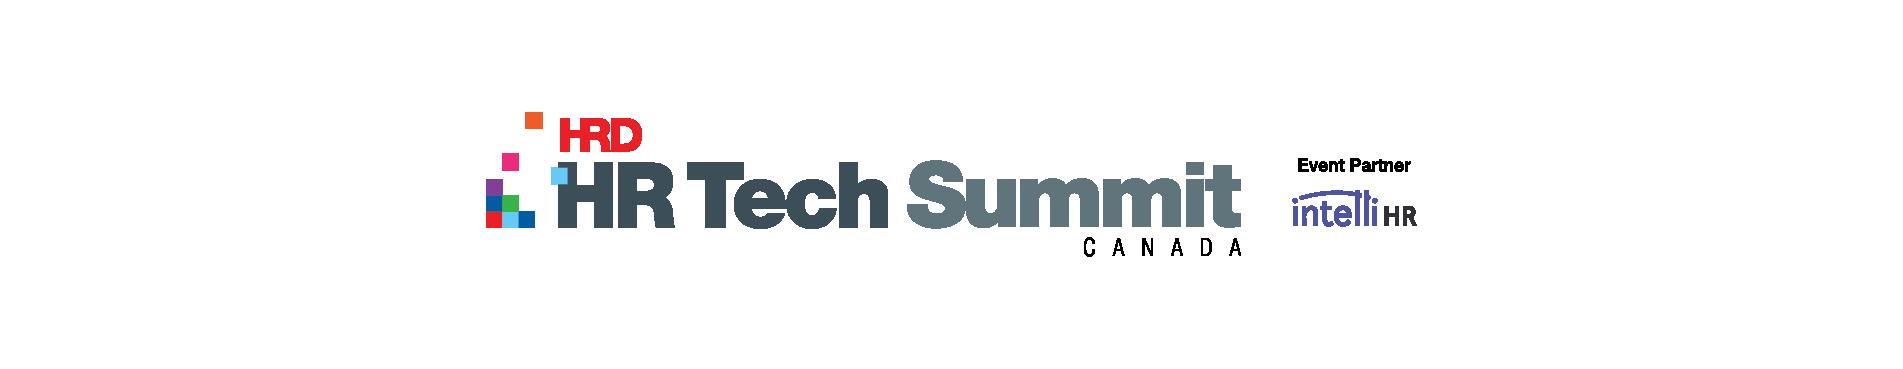 HR Tech Summit Canada